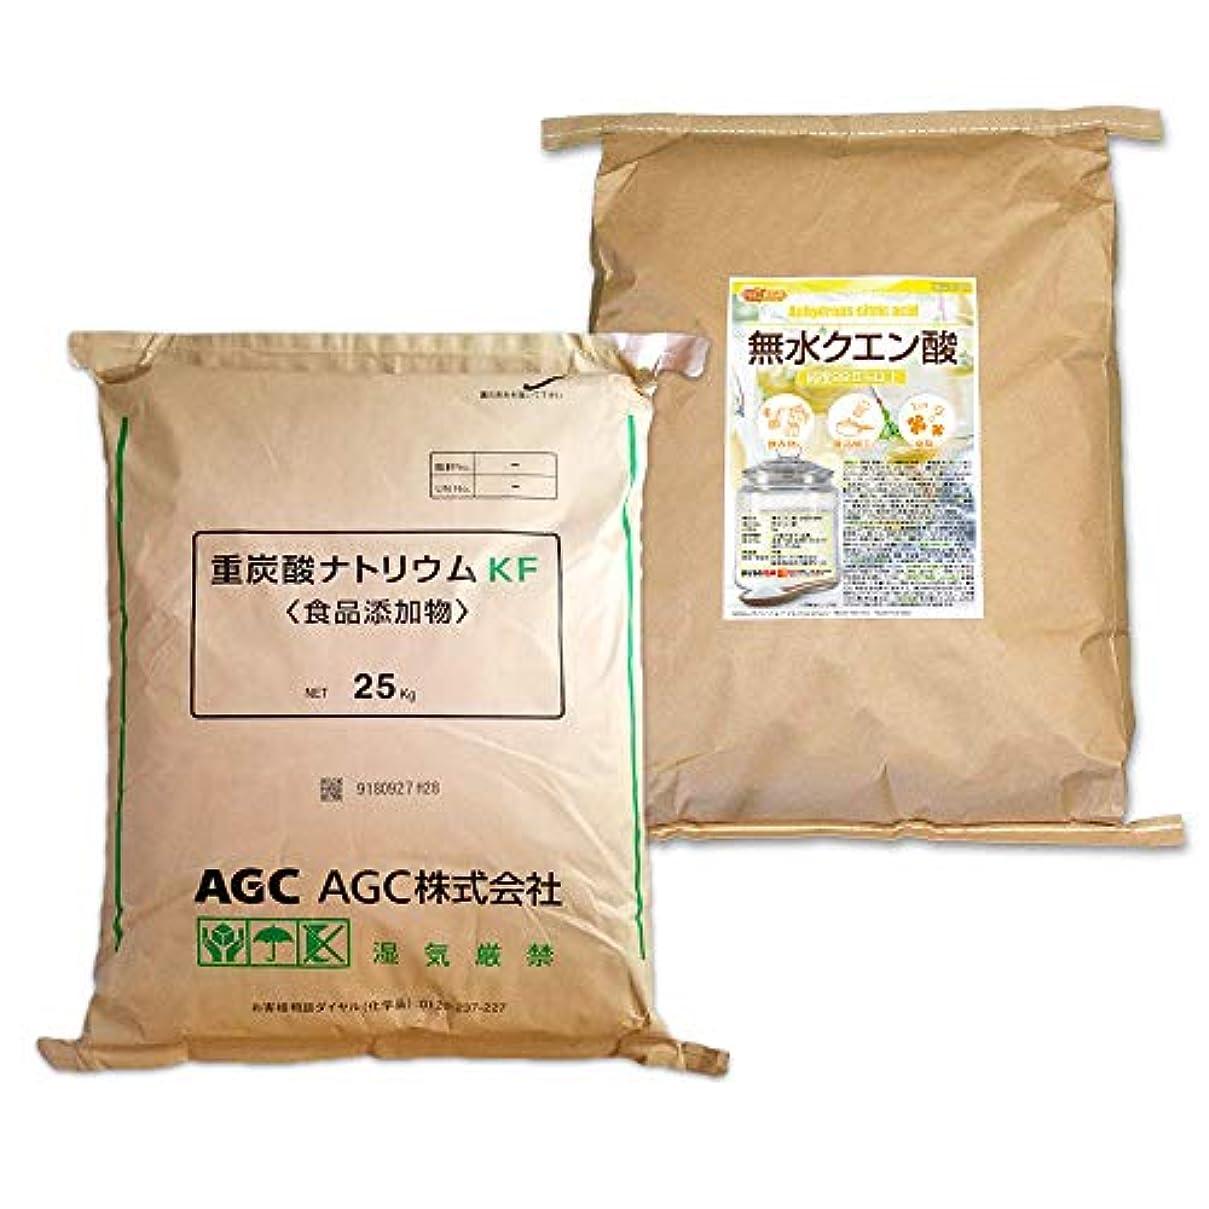 なめらかな専制事AGC製 重曹 25kg + 無水 クエン酸 25kg セット [02] 【同梱不可】NICHIGA(ニチガ)